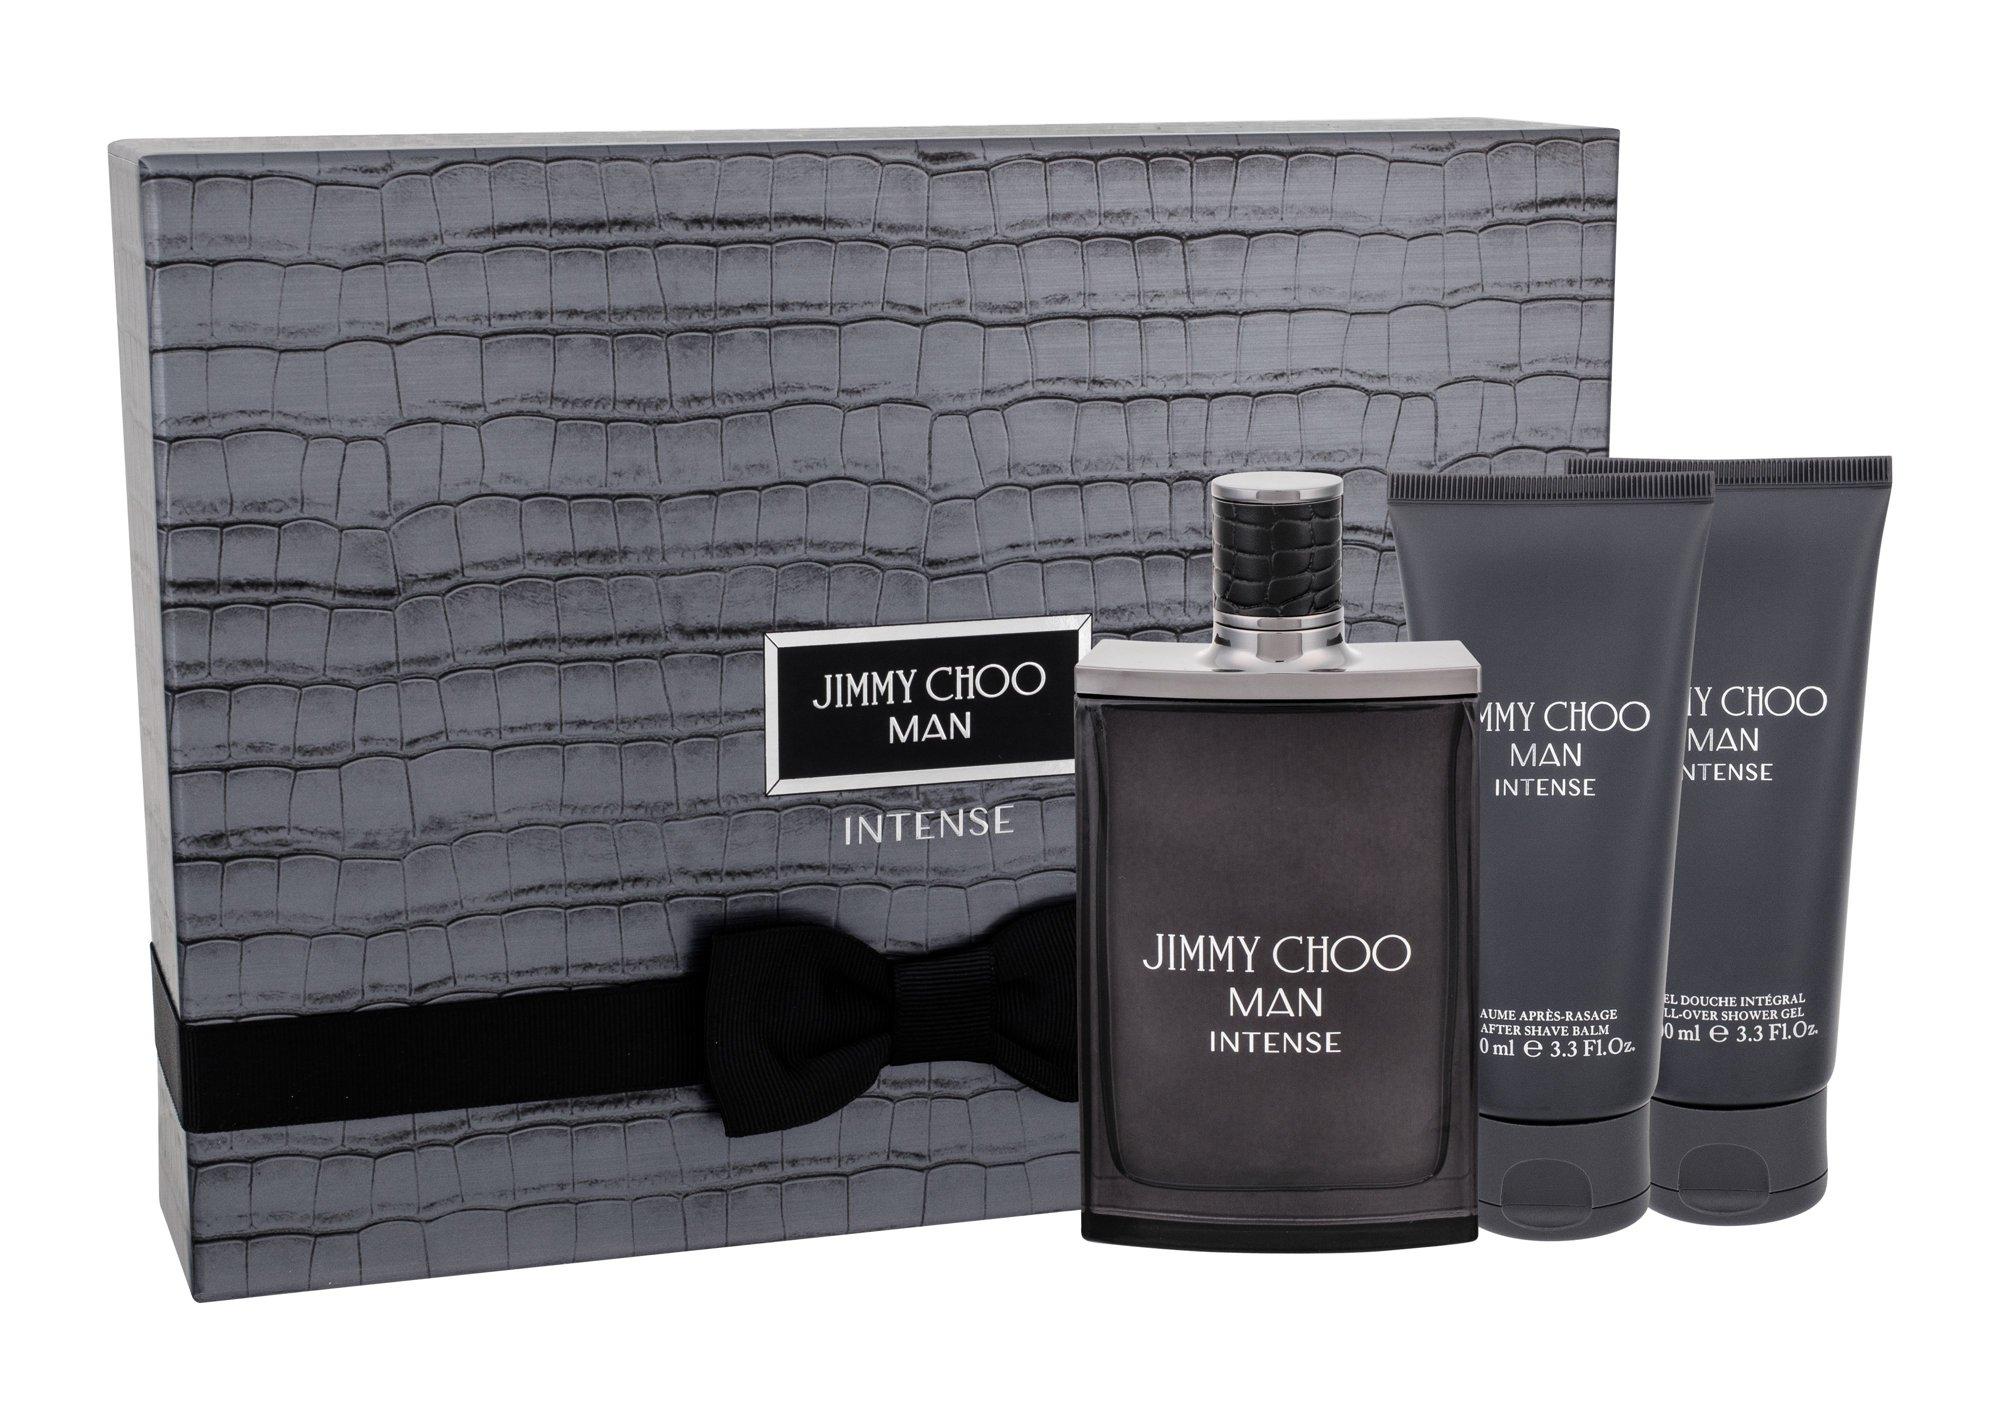 Jimmy Choo Jimmy Choo Man Intense, toaletná voda 100 ml + sprchovací gél 100 ml + balzám po holení 100 ml